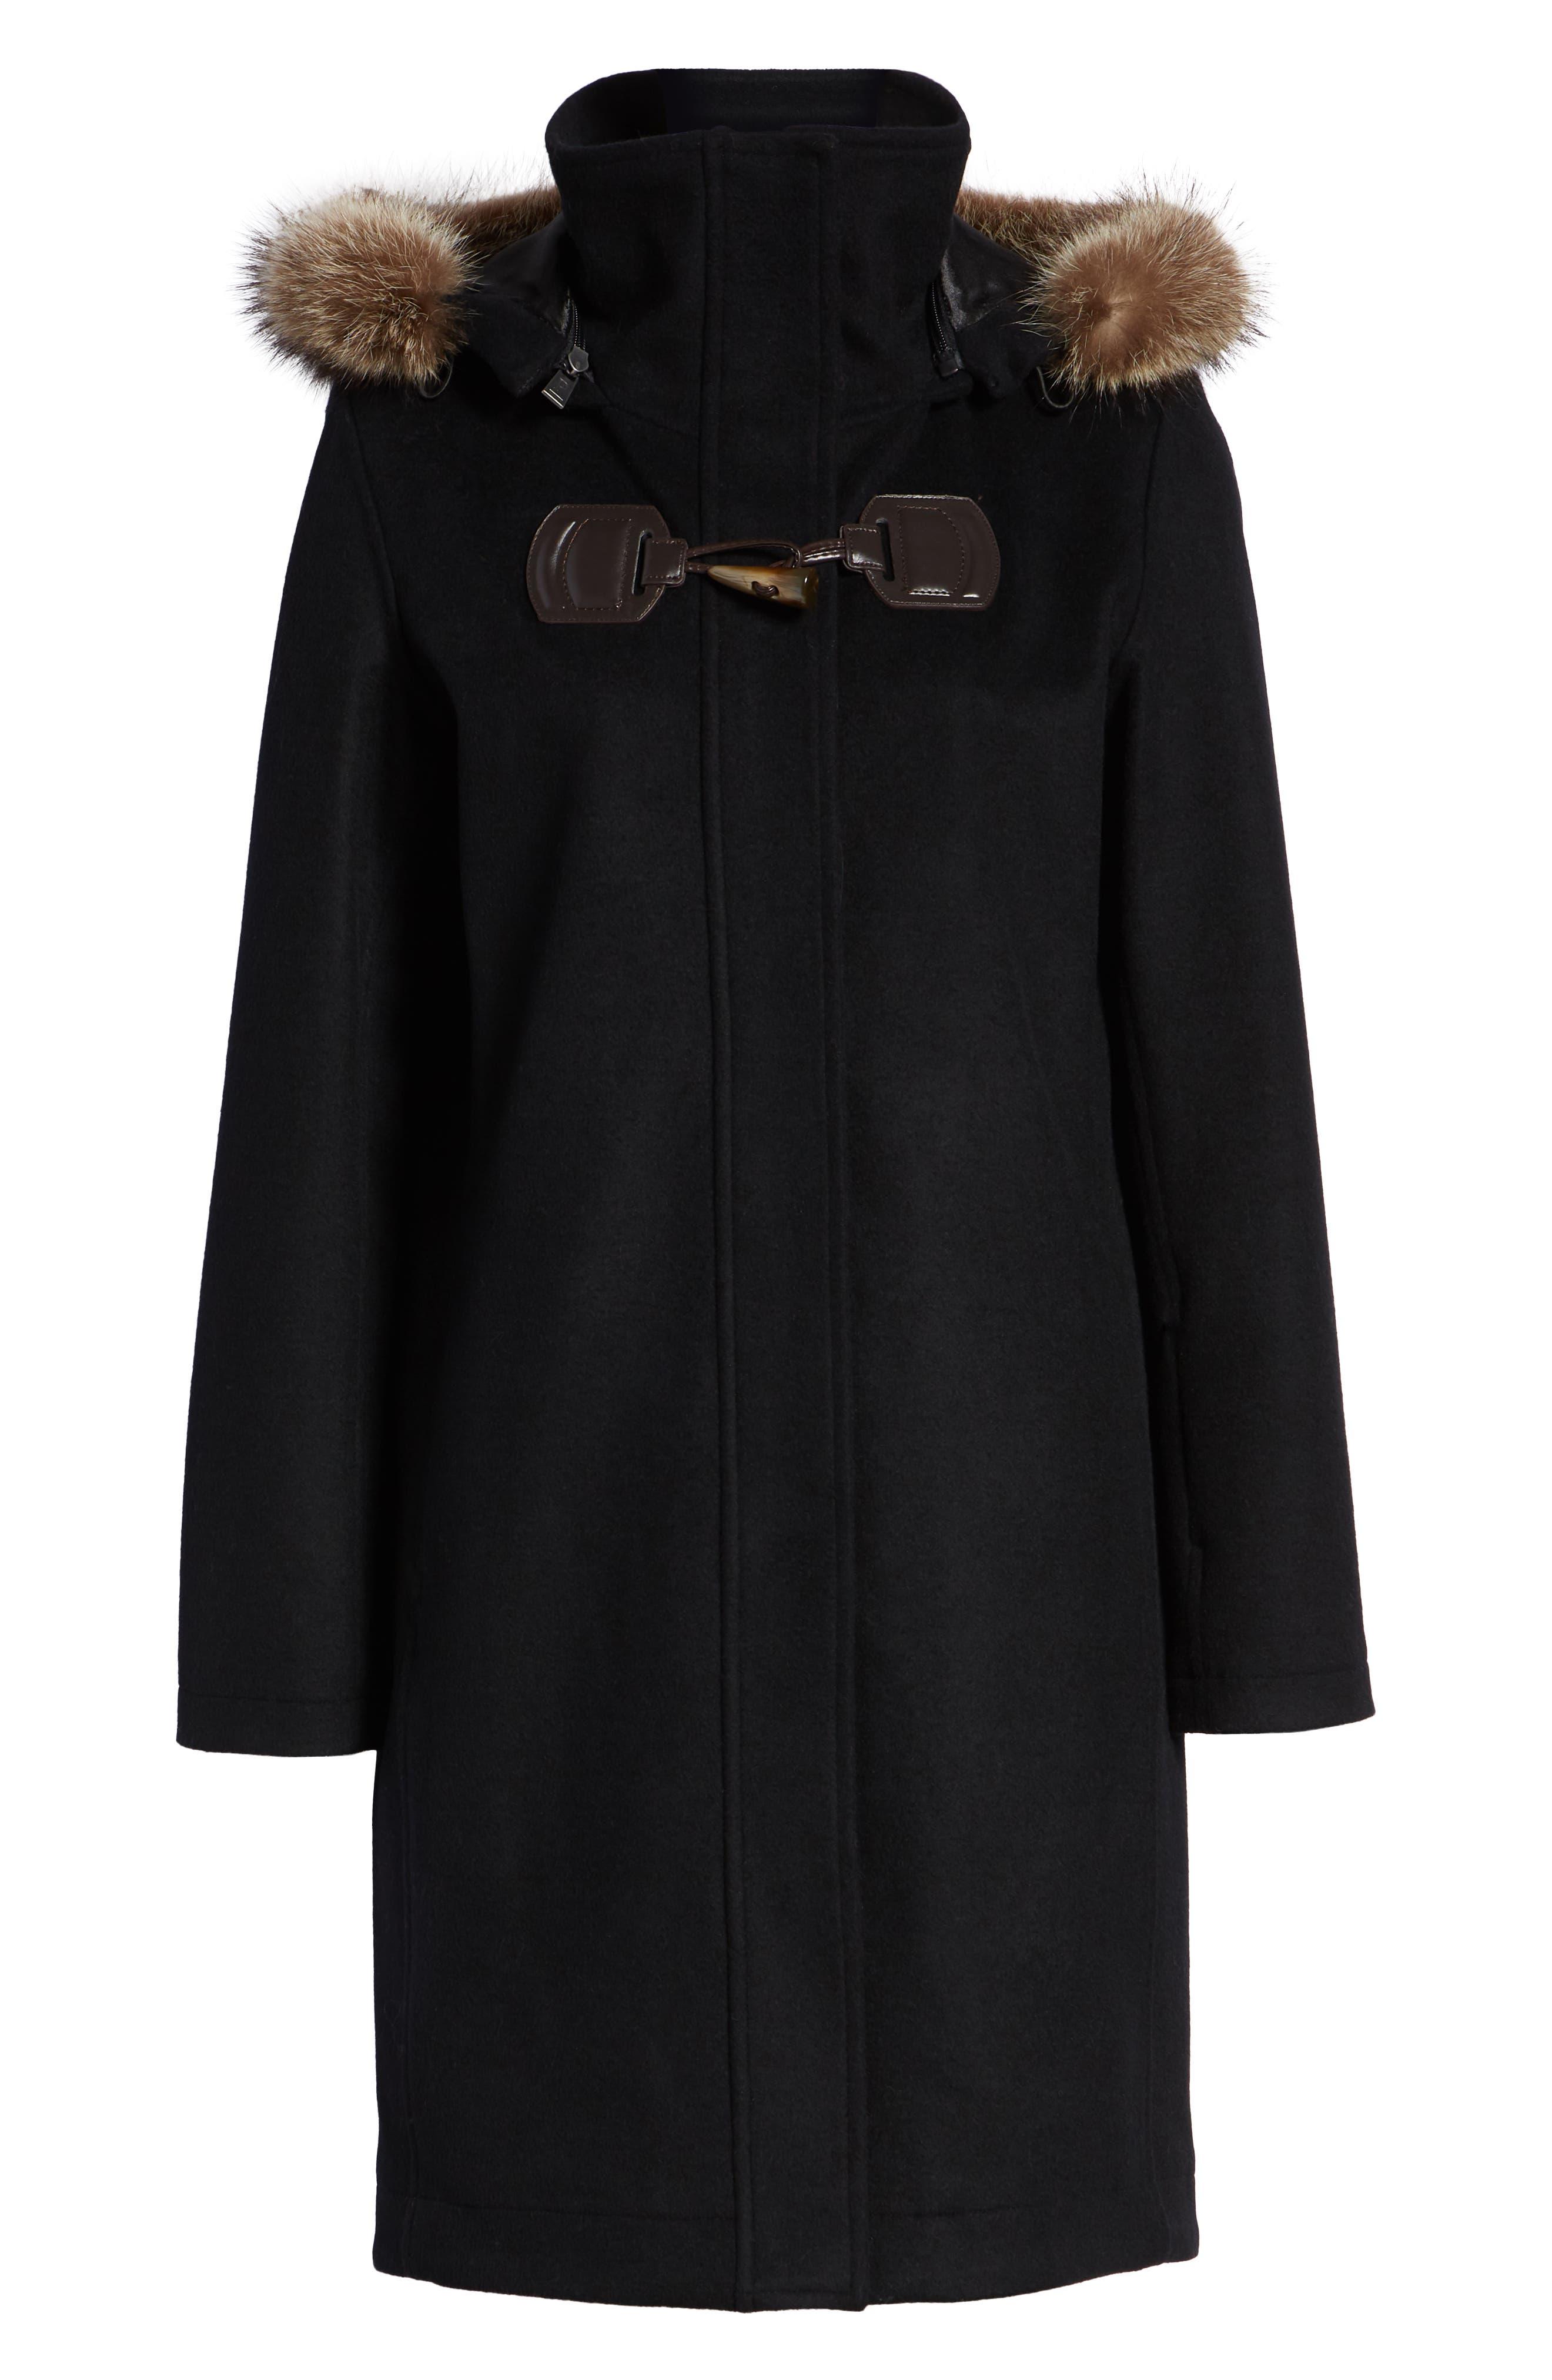 St Marie Wool Hooded Coat with Genuine Raccoon Fur Trim,                             Alternate thumbnail 6, color,                             BLACK